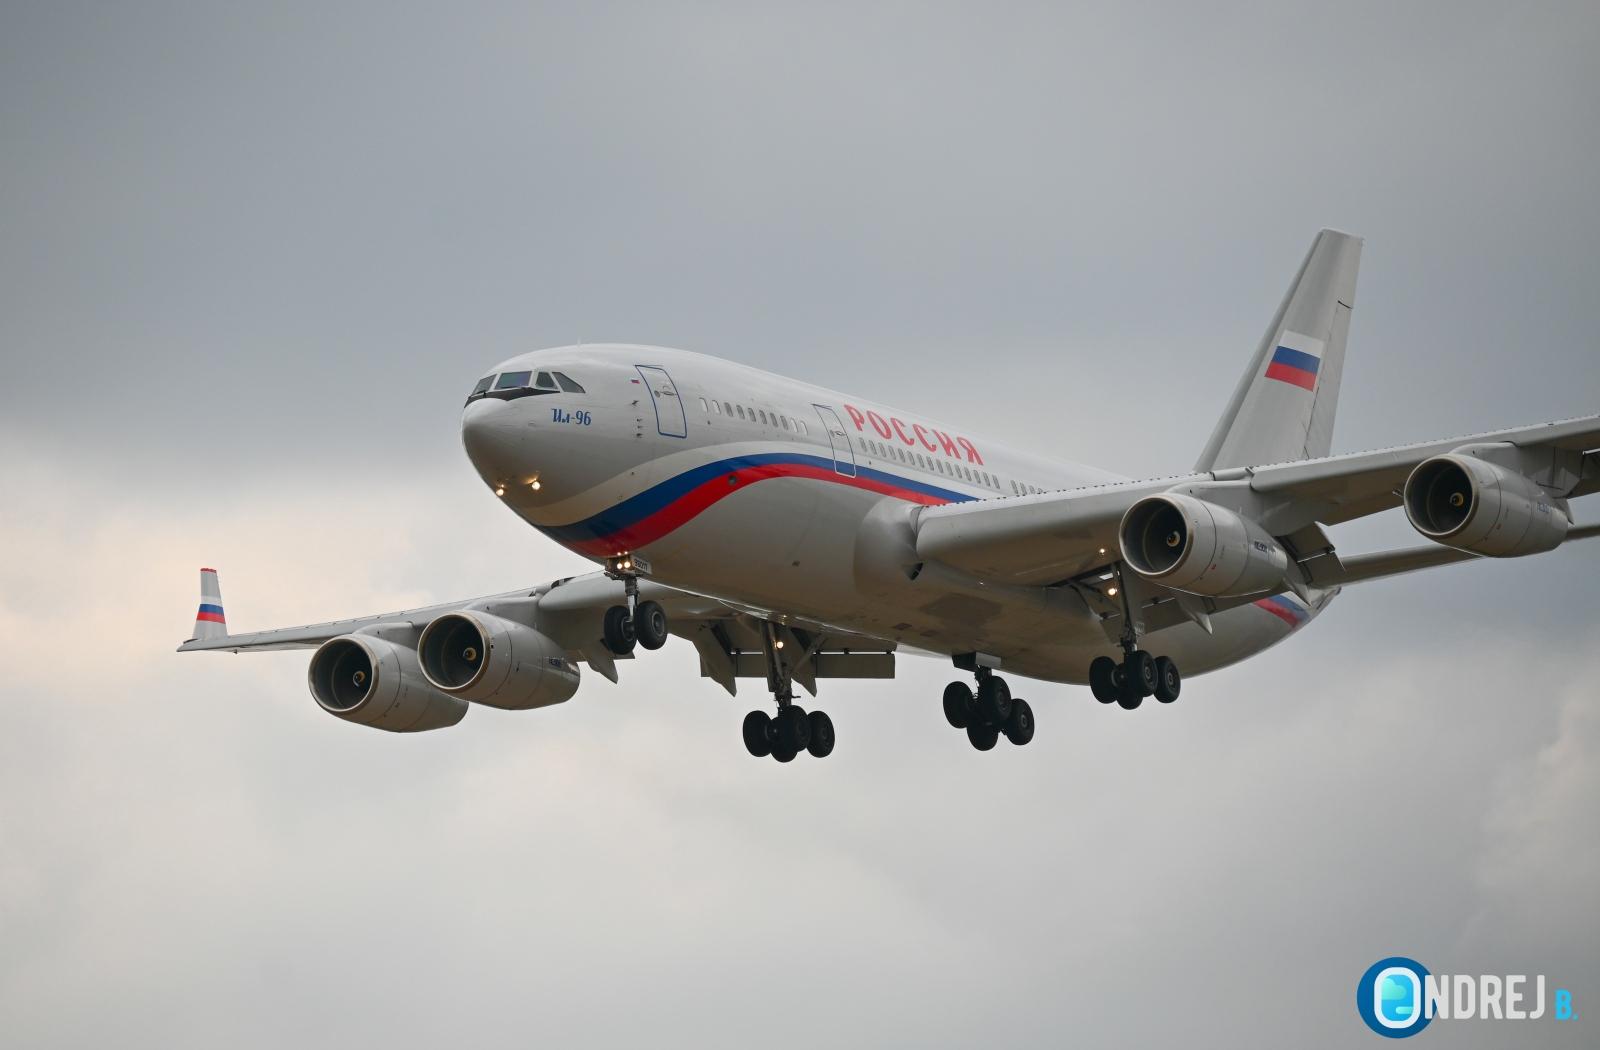 Ilyushin Il-96 Russia government